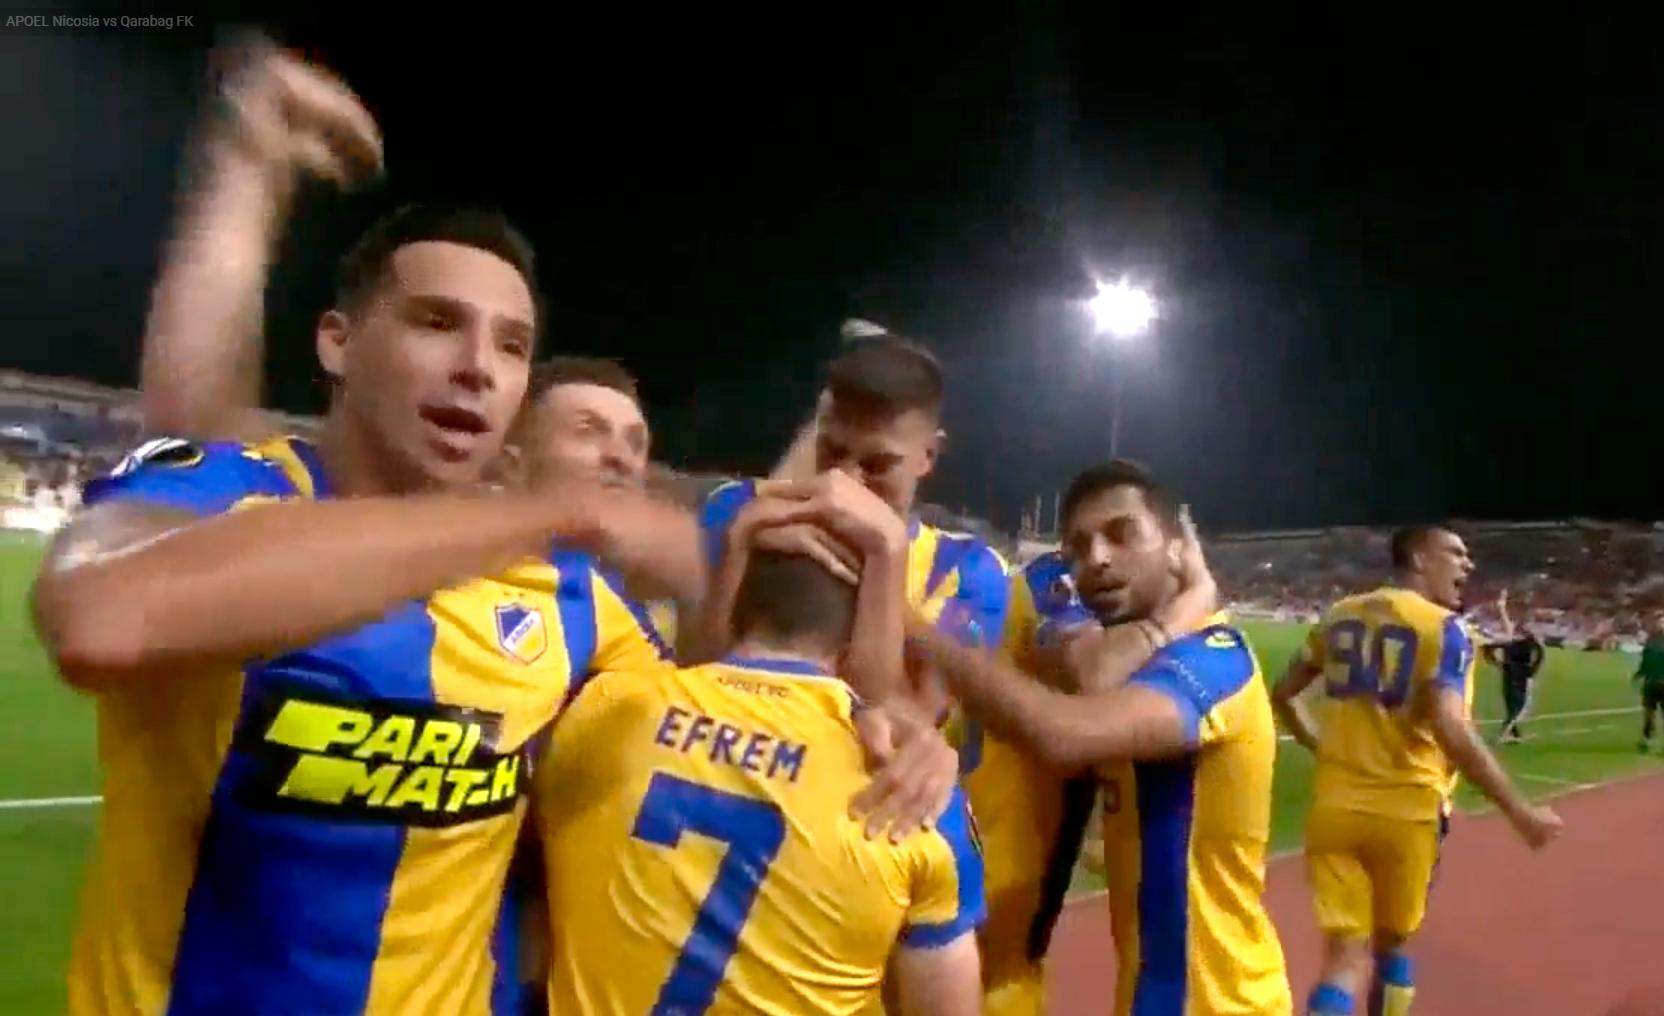 APOEL-in futbolçularından qol sevinci zamanı qeyri-etik hərəkət – VİDEO